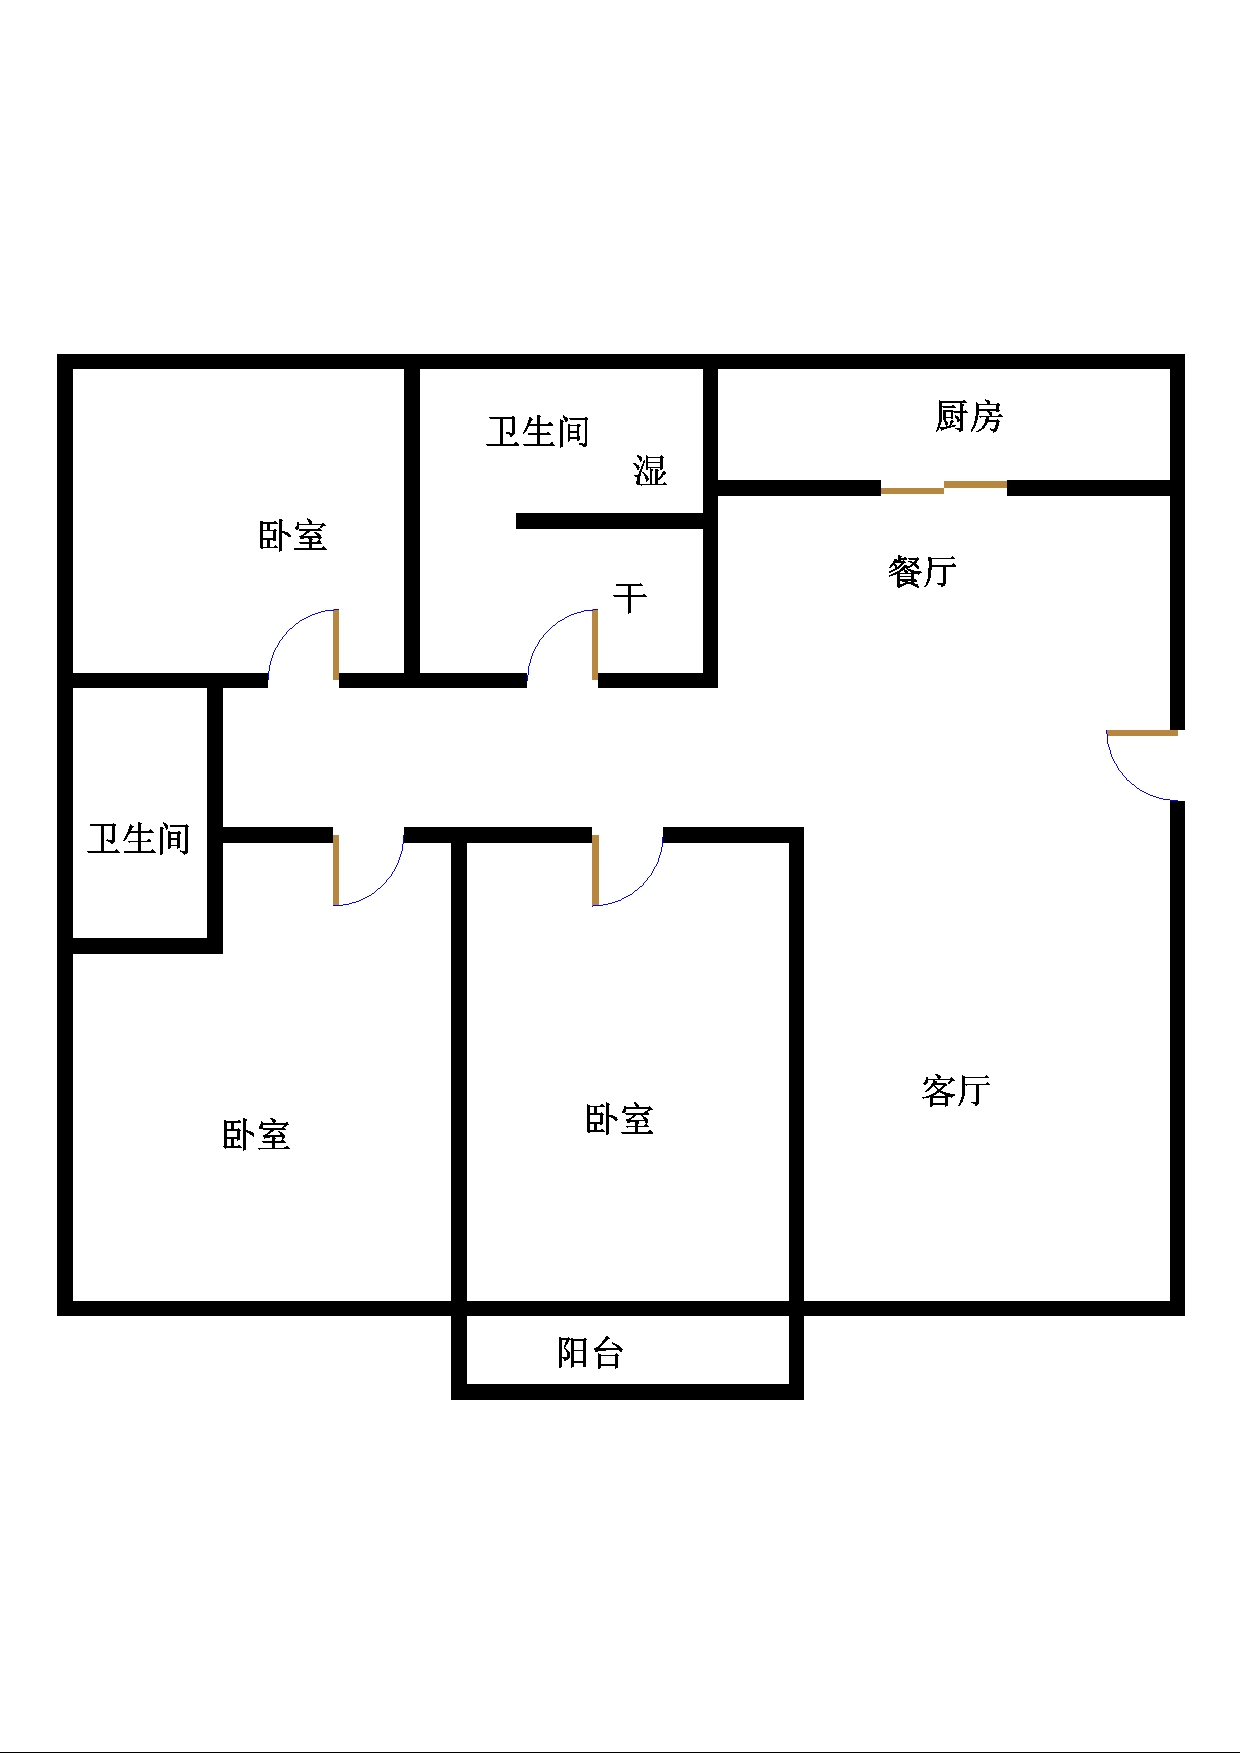 南龙国际花园 3室2厅  精装 175万